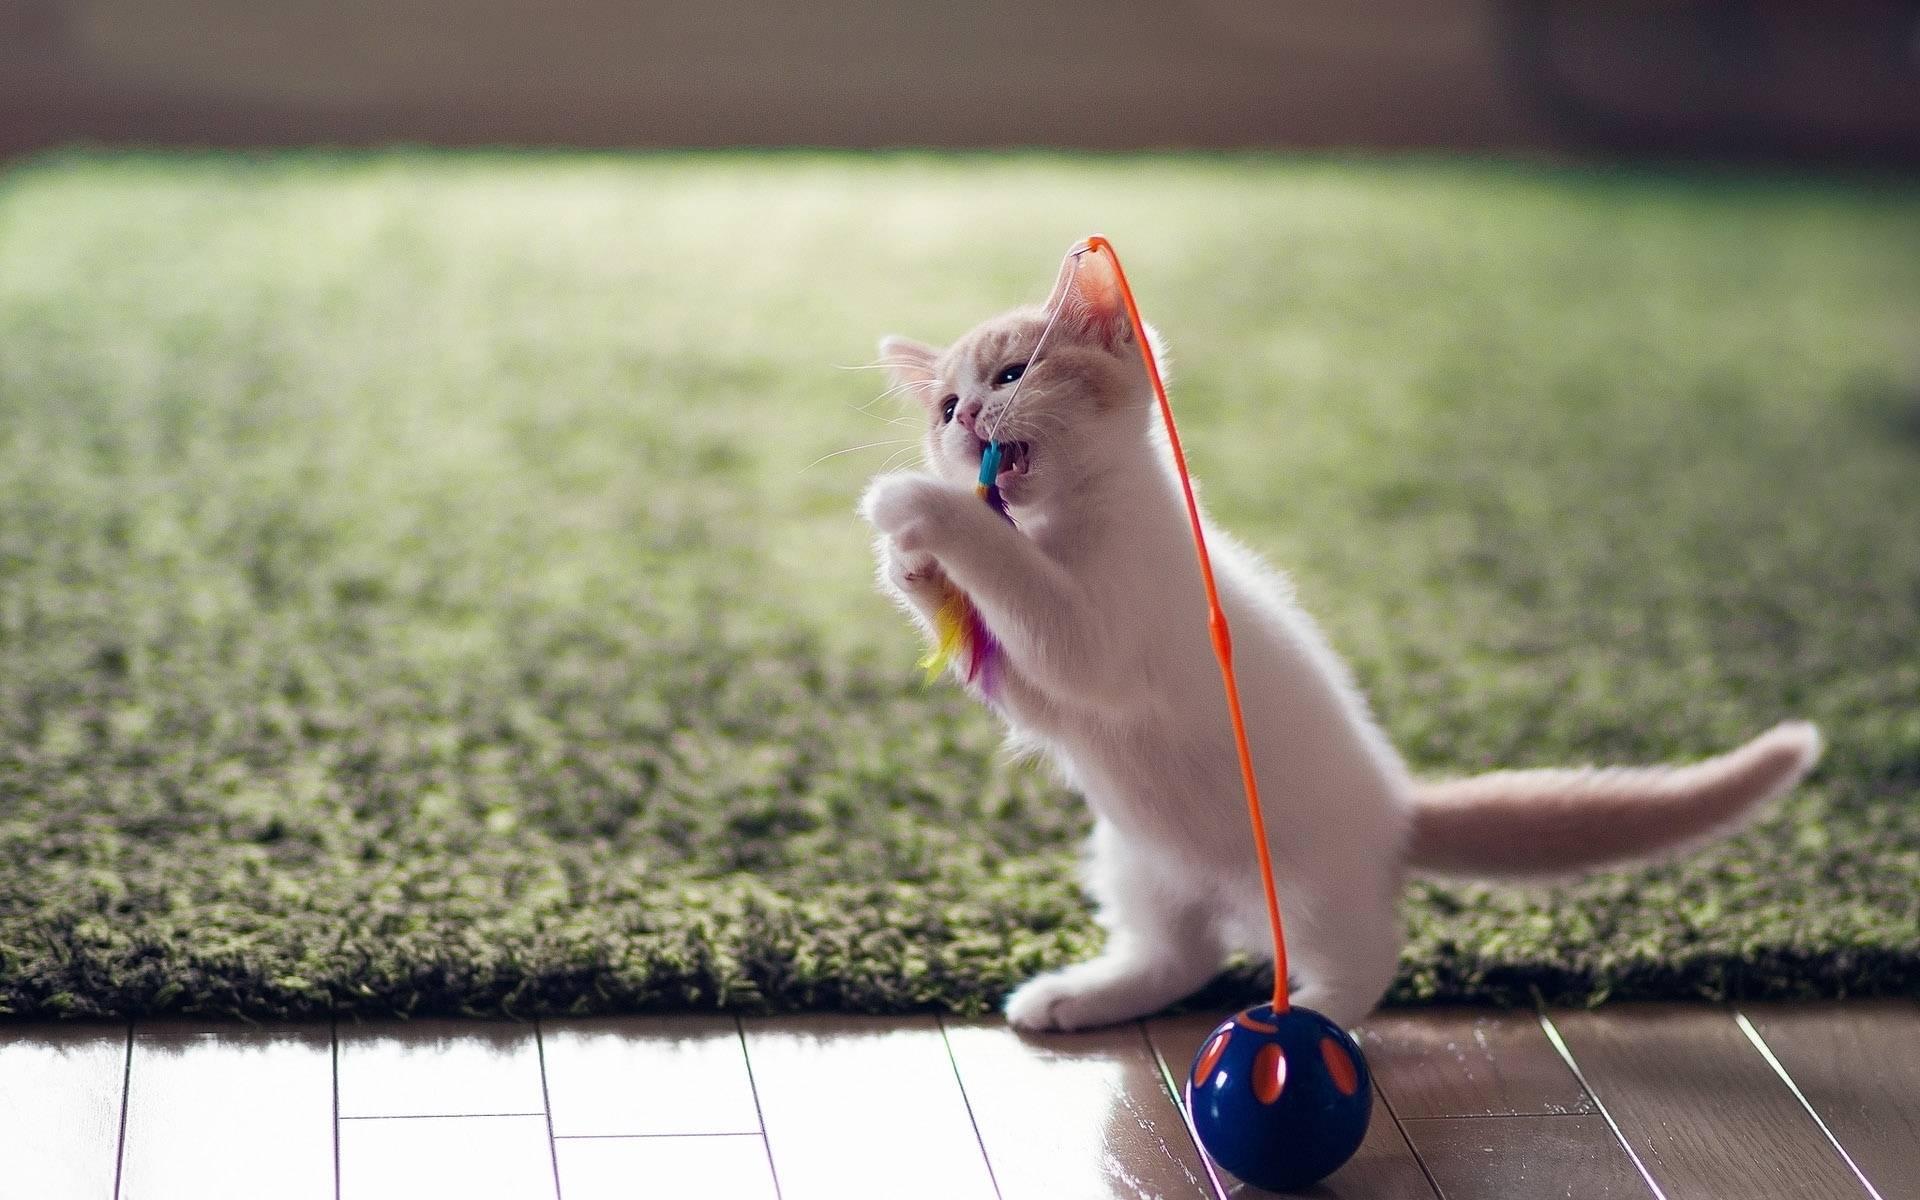 ᐉ как дрессировать кошку? - ➡ motildazoo.ru